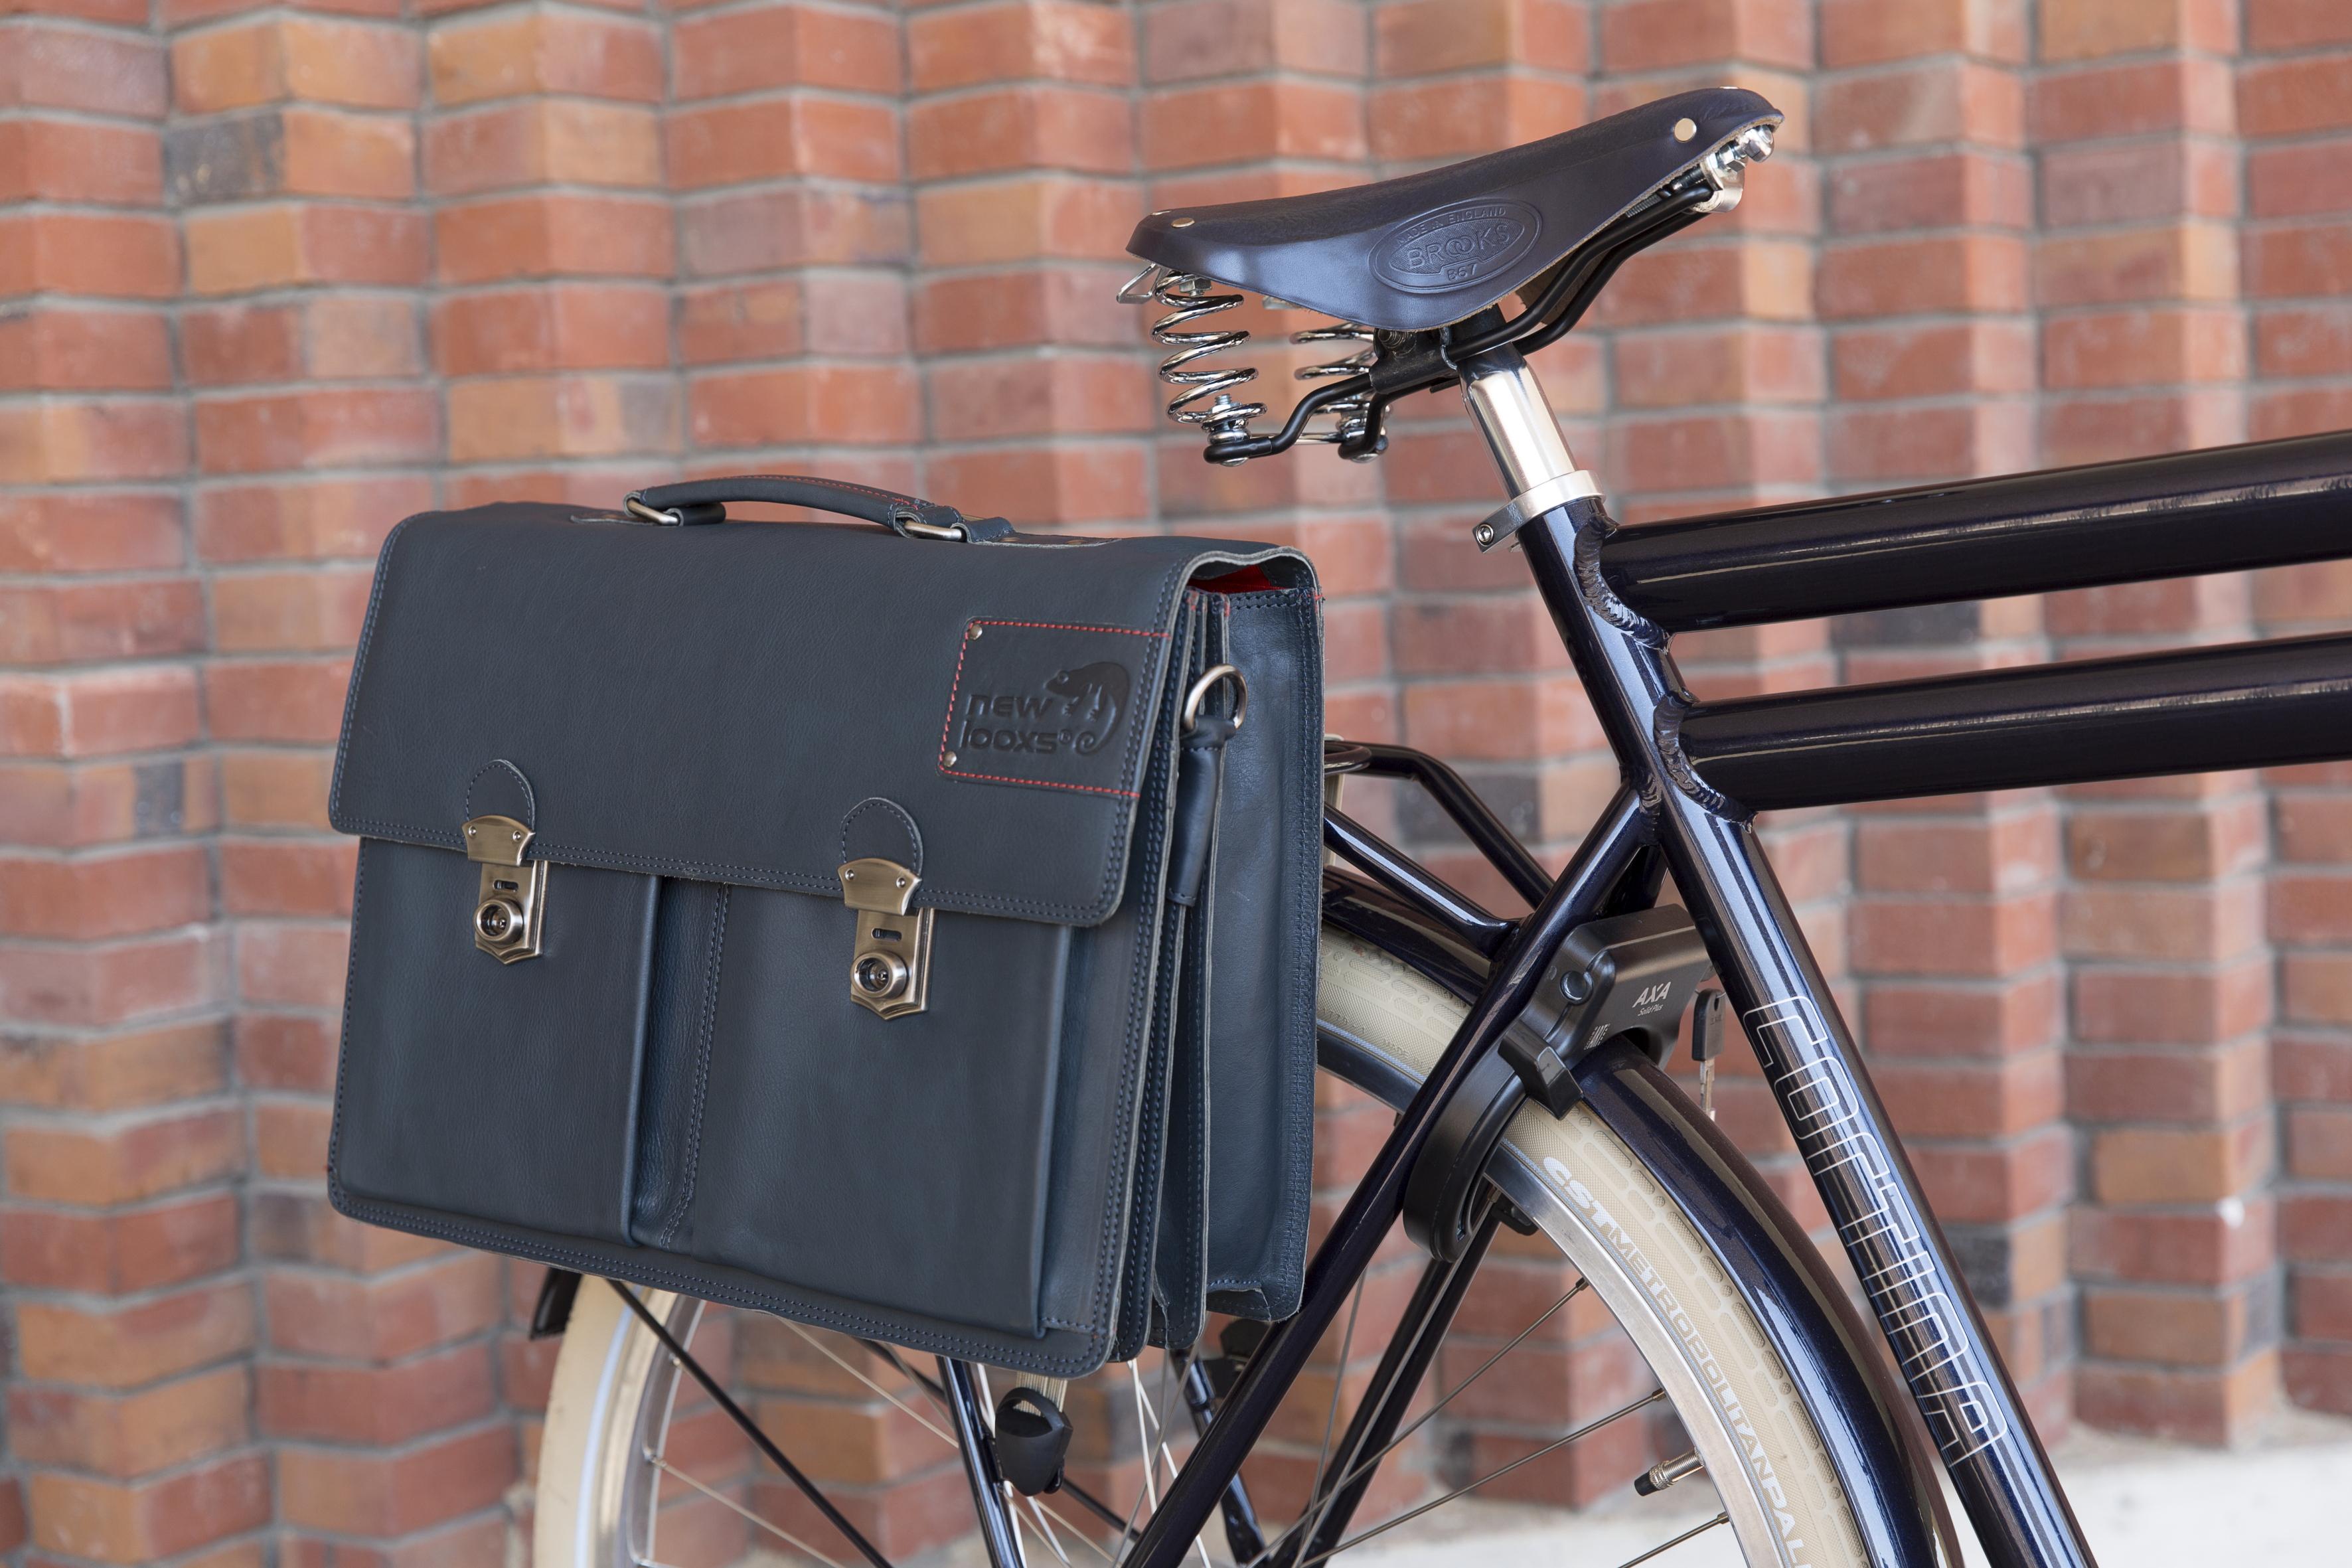 160 szt Torby rowerowe jednostronne • RoweryStylowe.pl